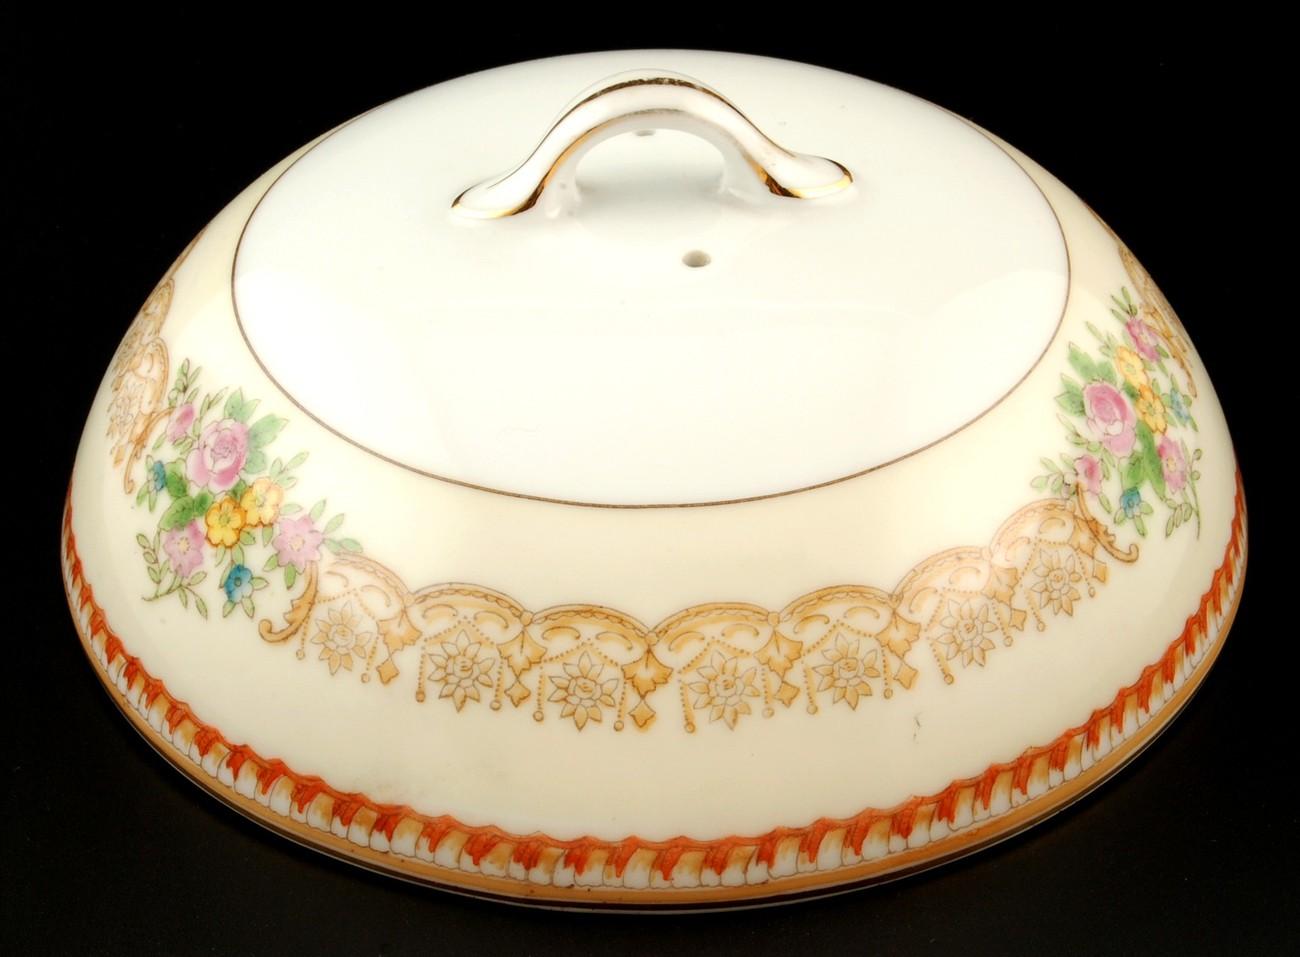 Noritake butter dish lid